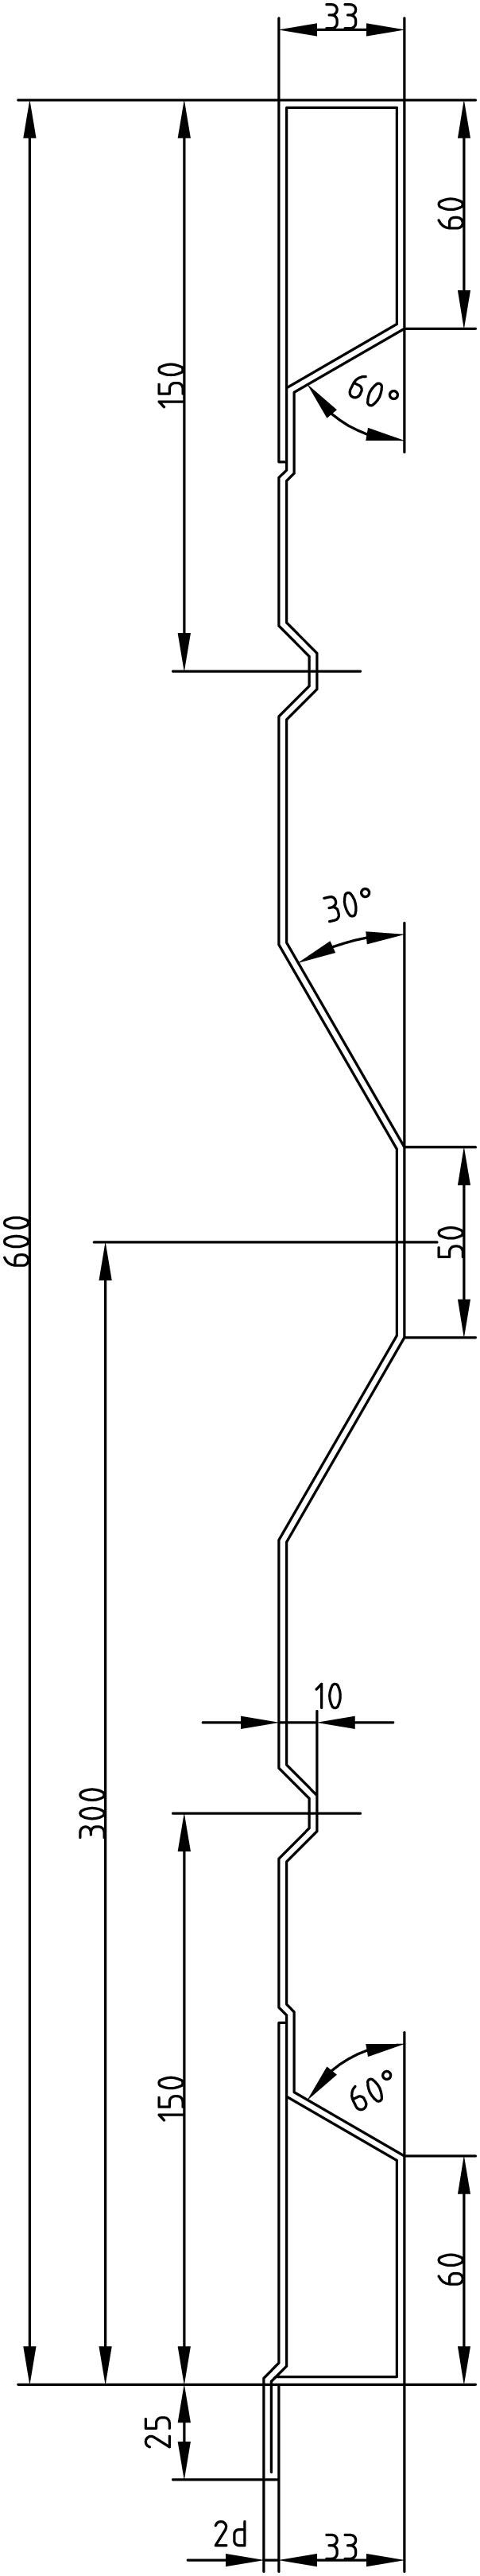 Brantner Kipper und Anhänger - AKmE HVAK 600x2 2141 Winkel 40/20/5